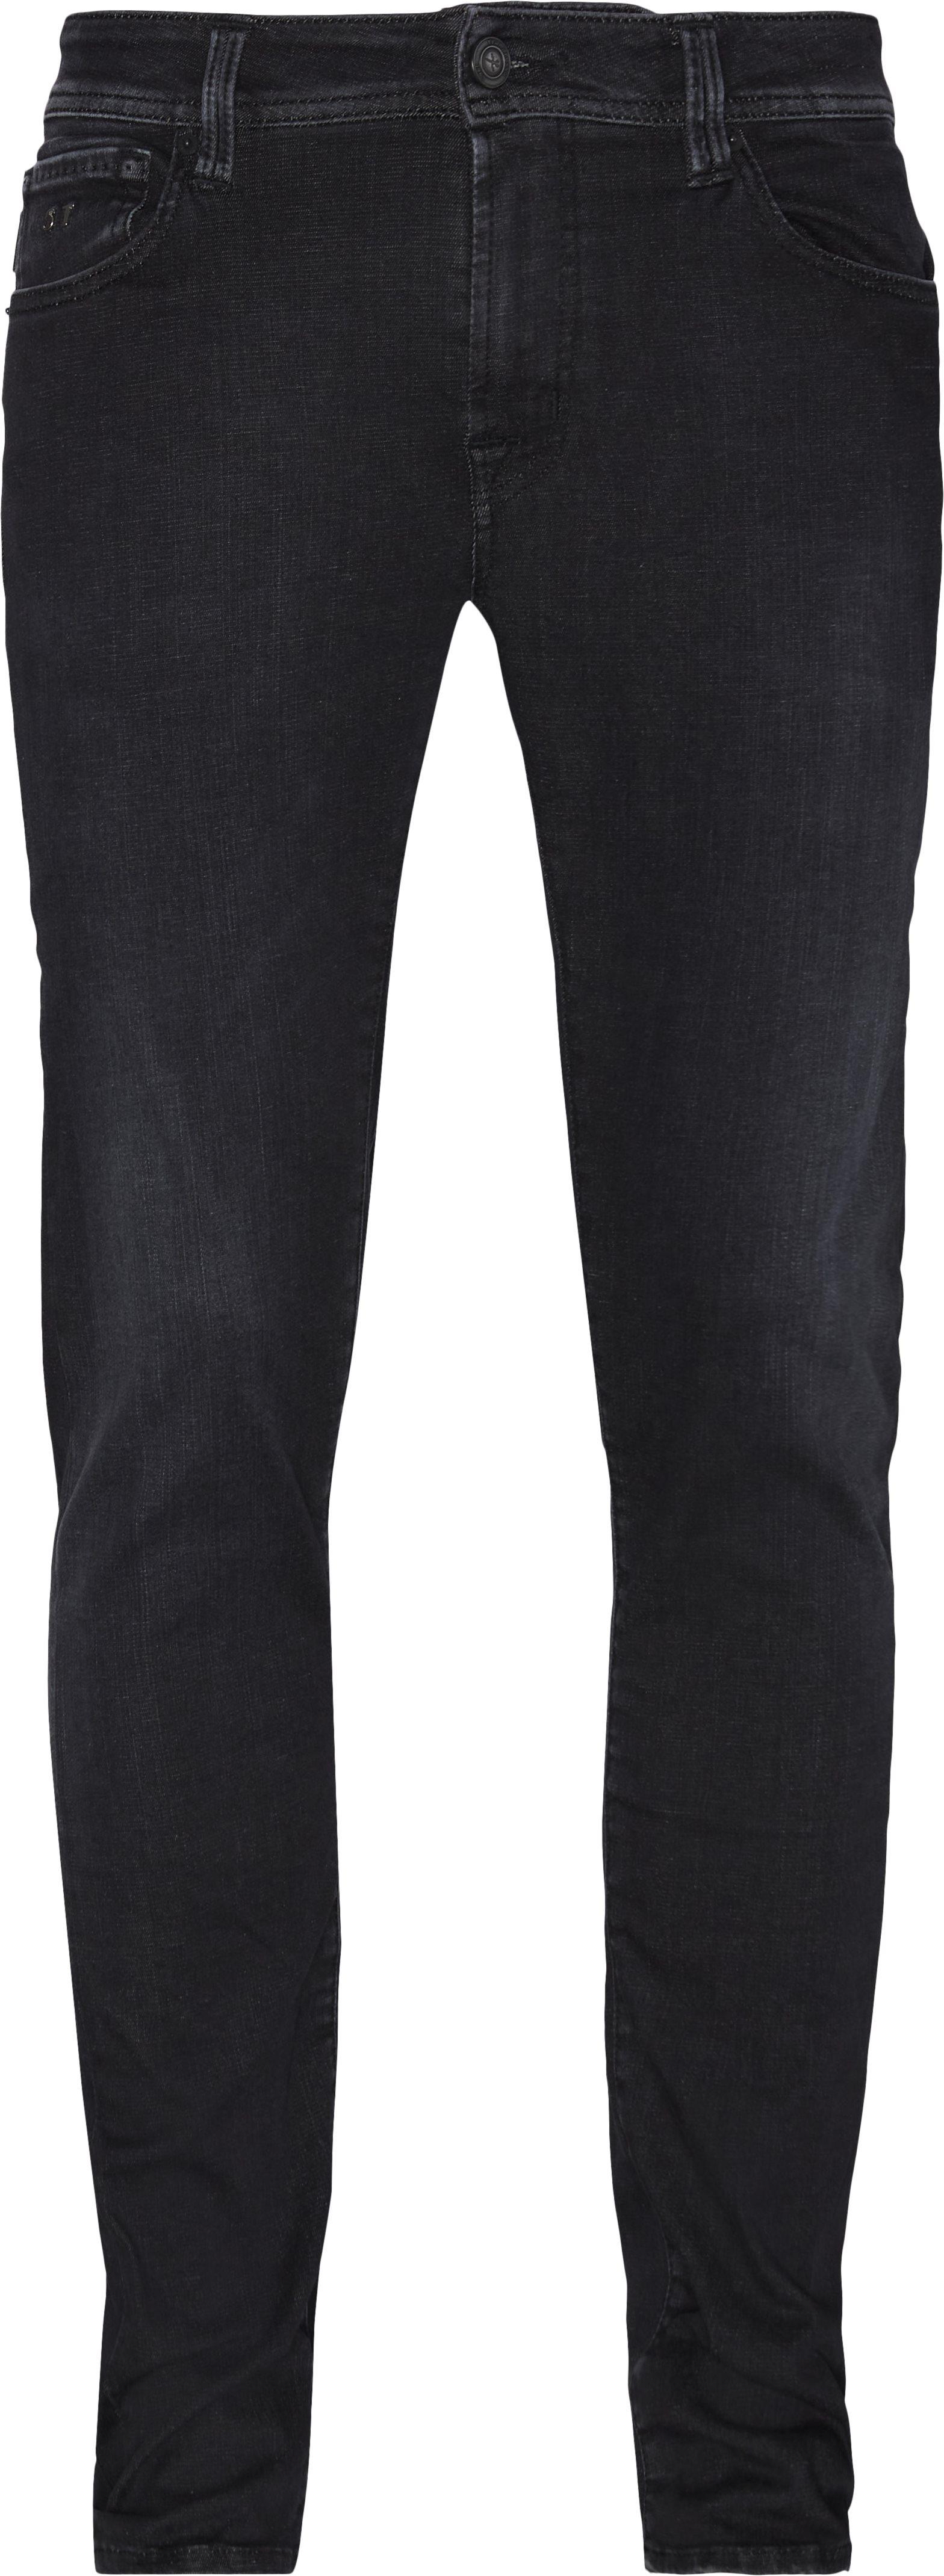 Leonardo Jeans - Jeans - Slim fit - Sort